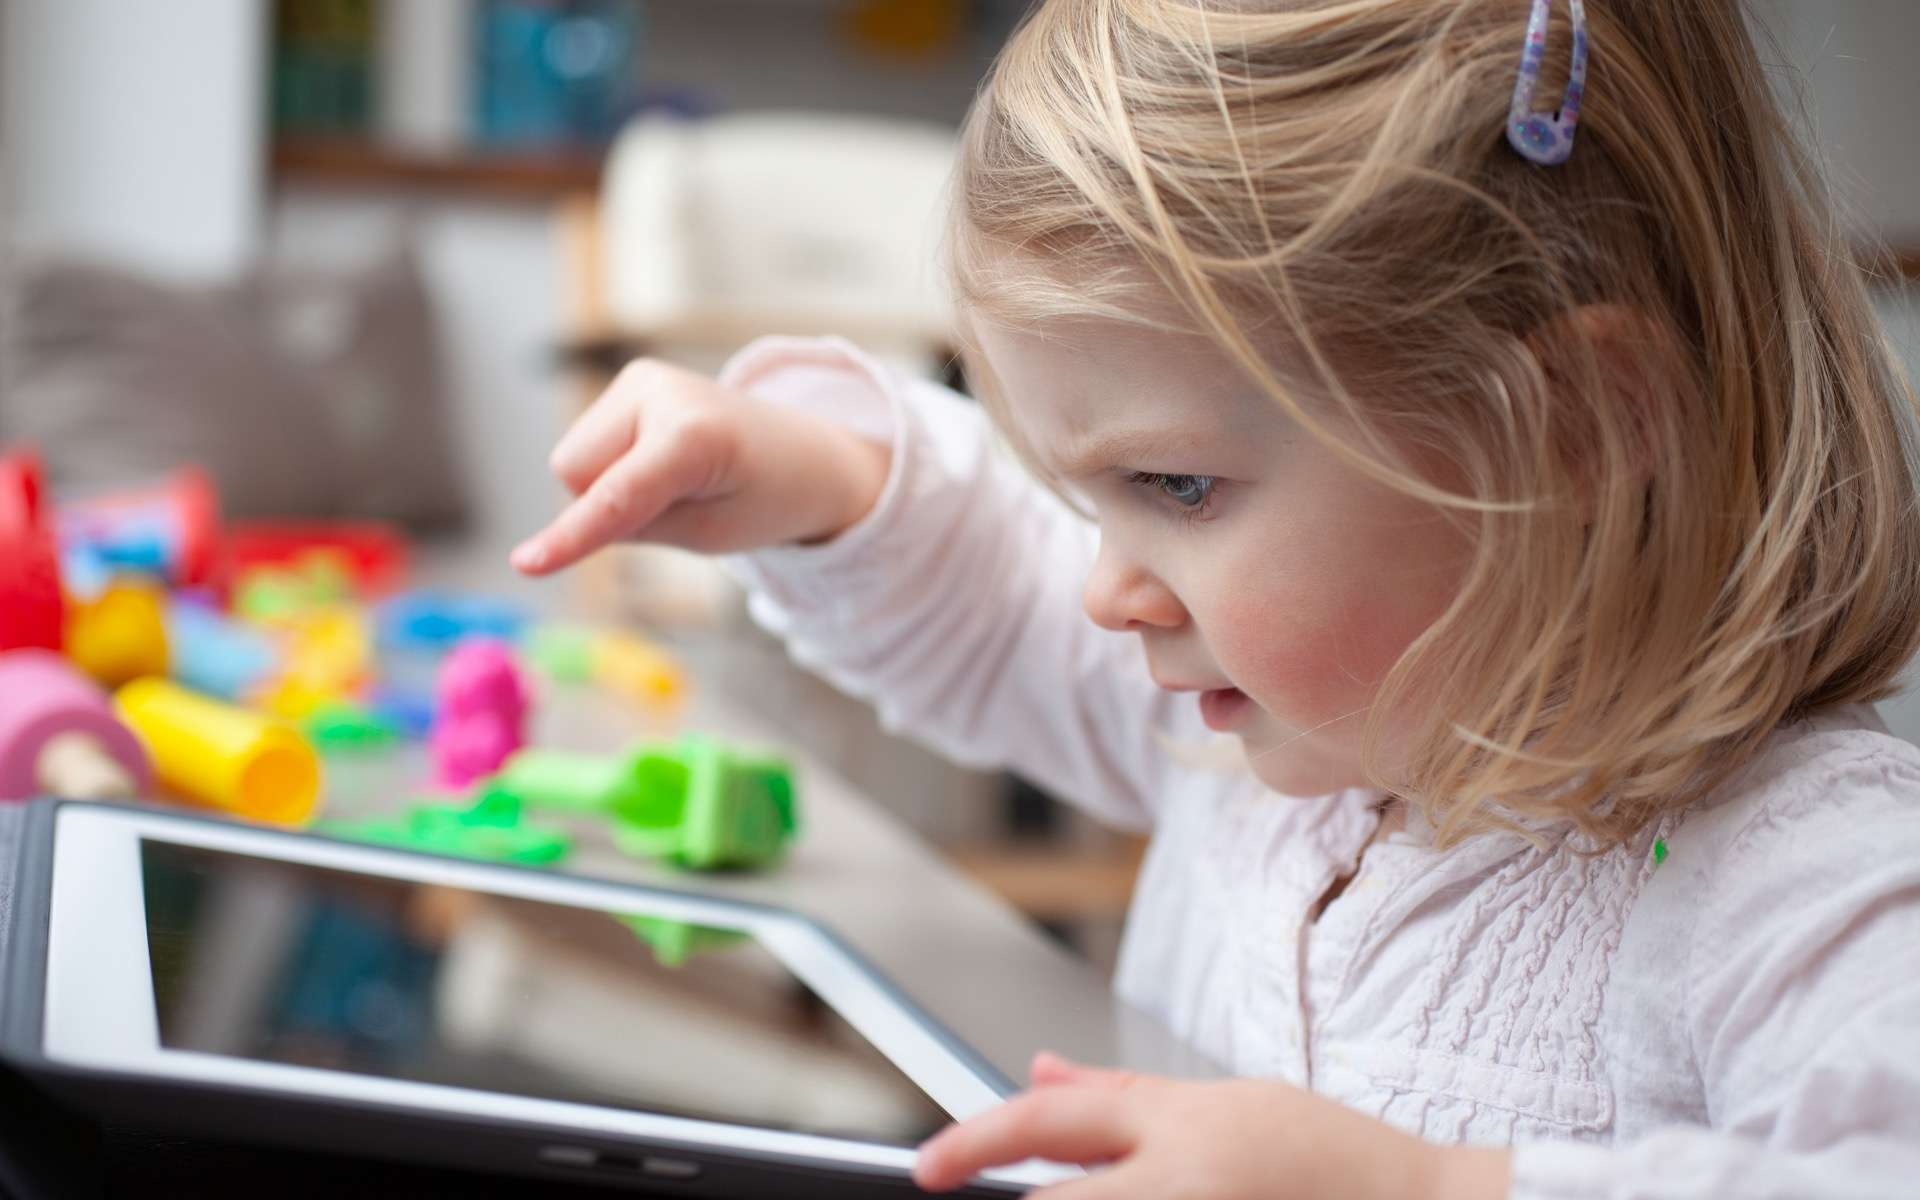 Sibius et son application pour aider à détecter l'autisme précocement. © Steve, Adobe Stock